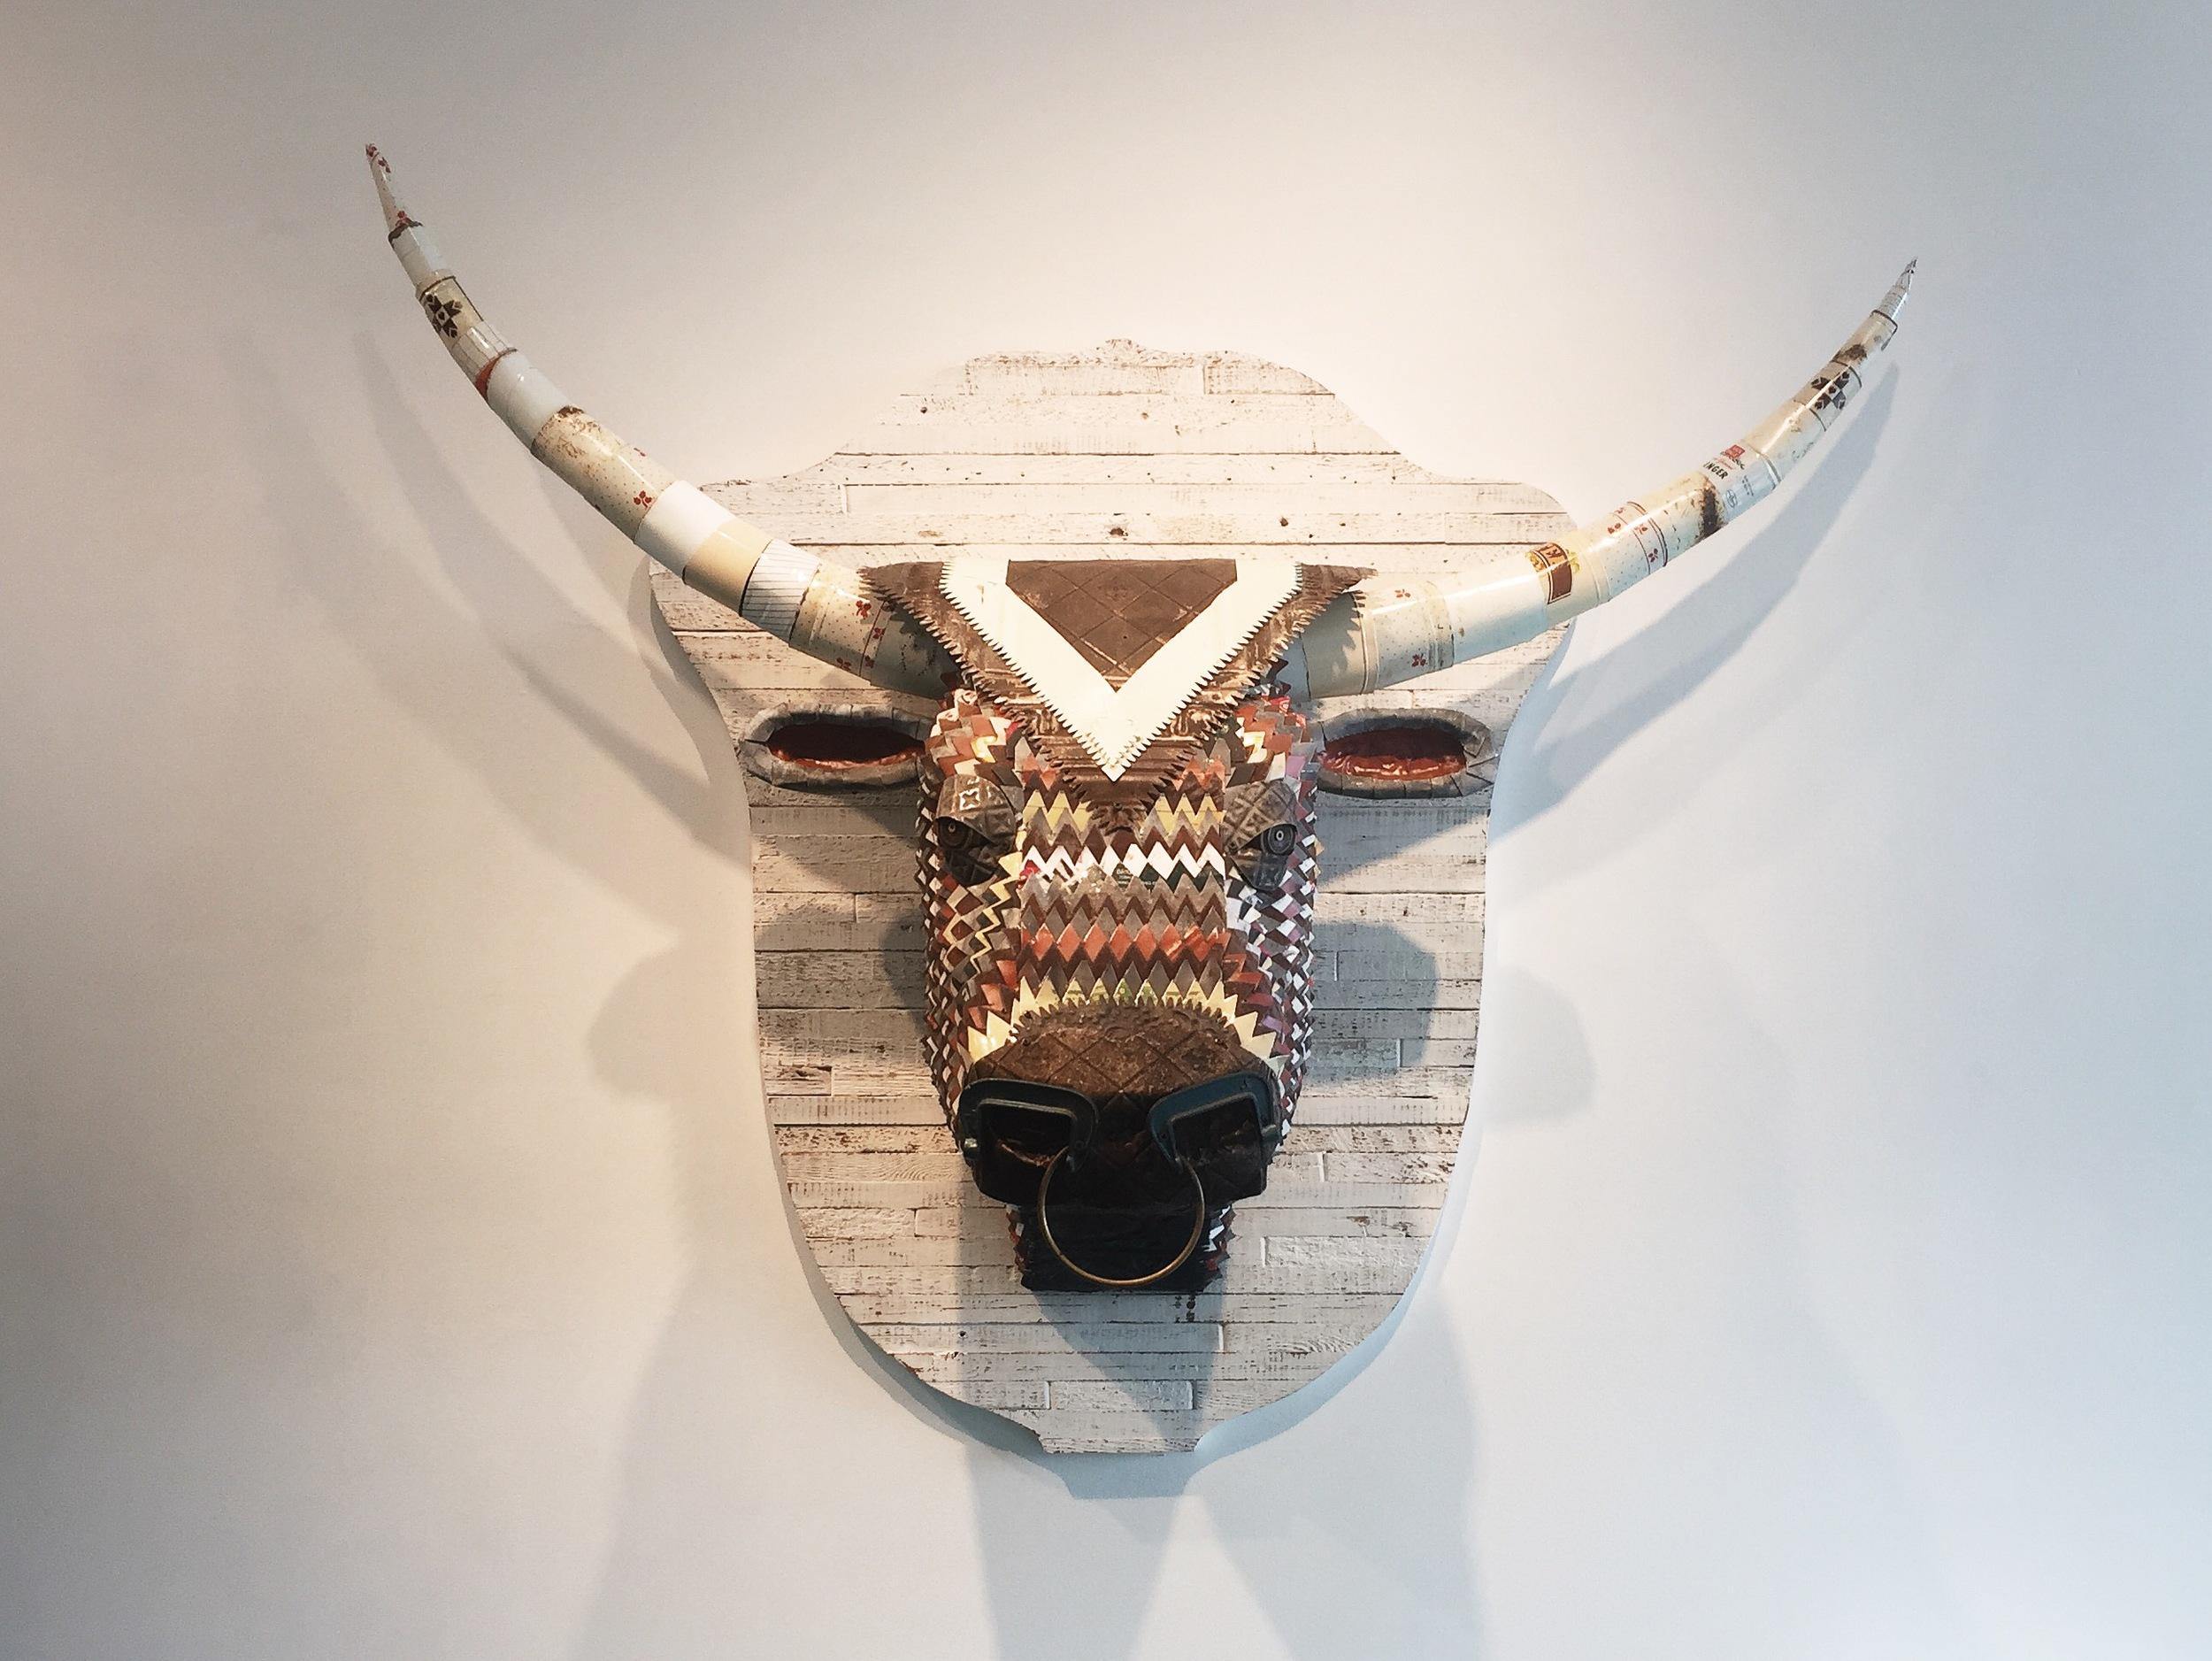 Dolan Geiman Modern West Fine Art